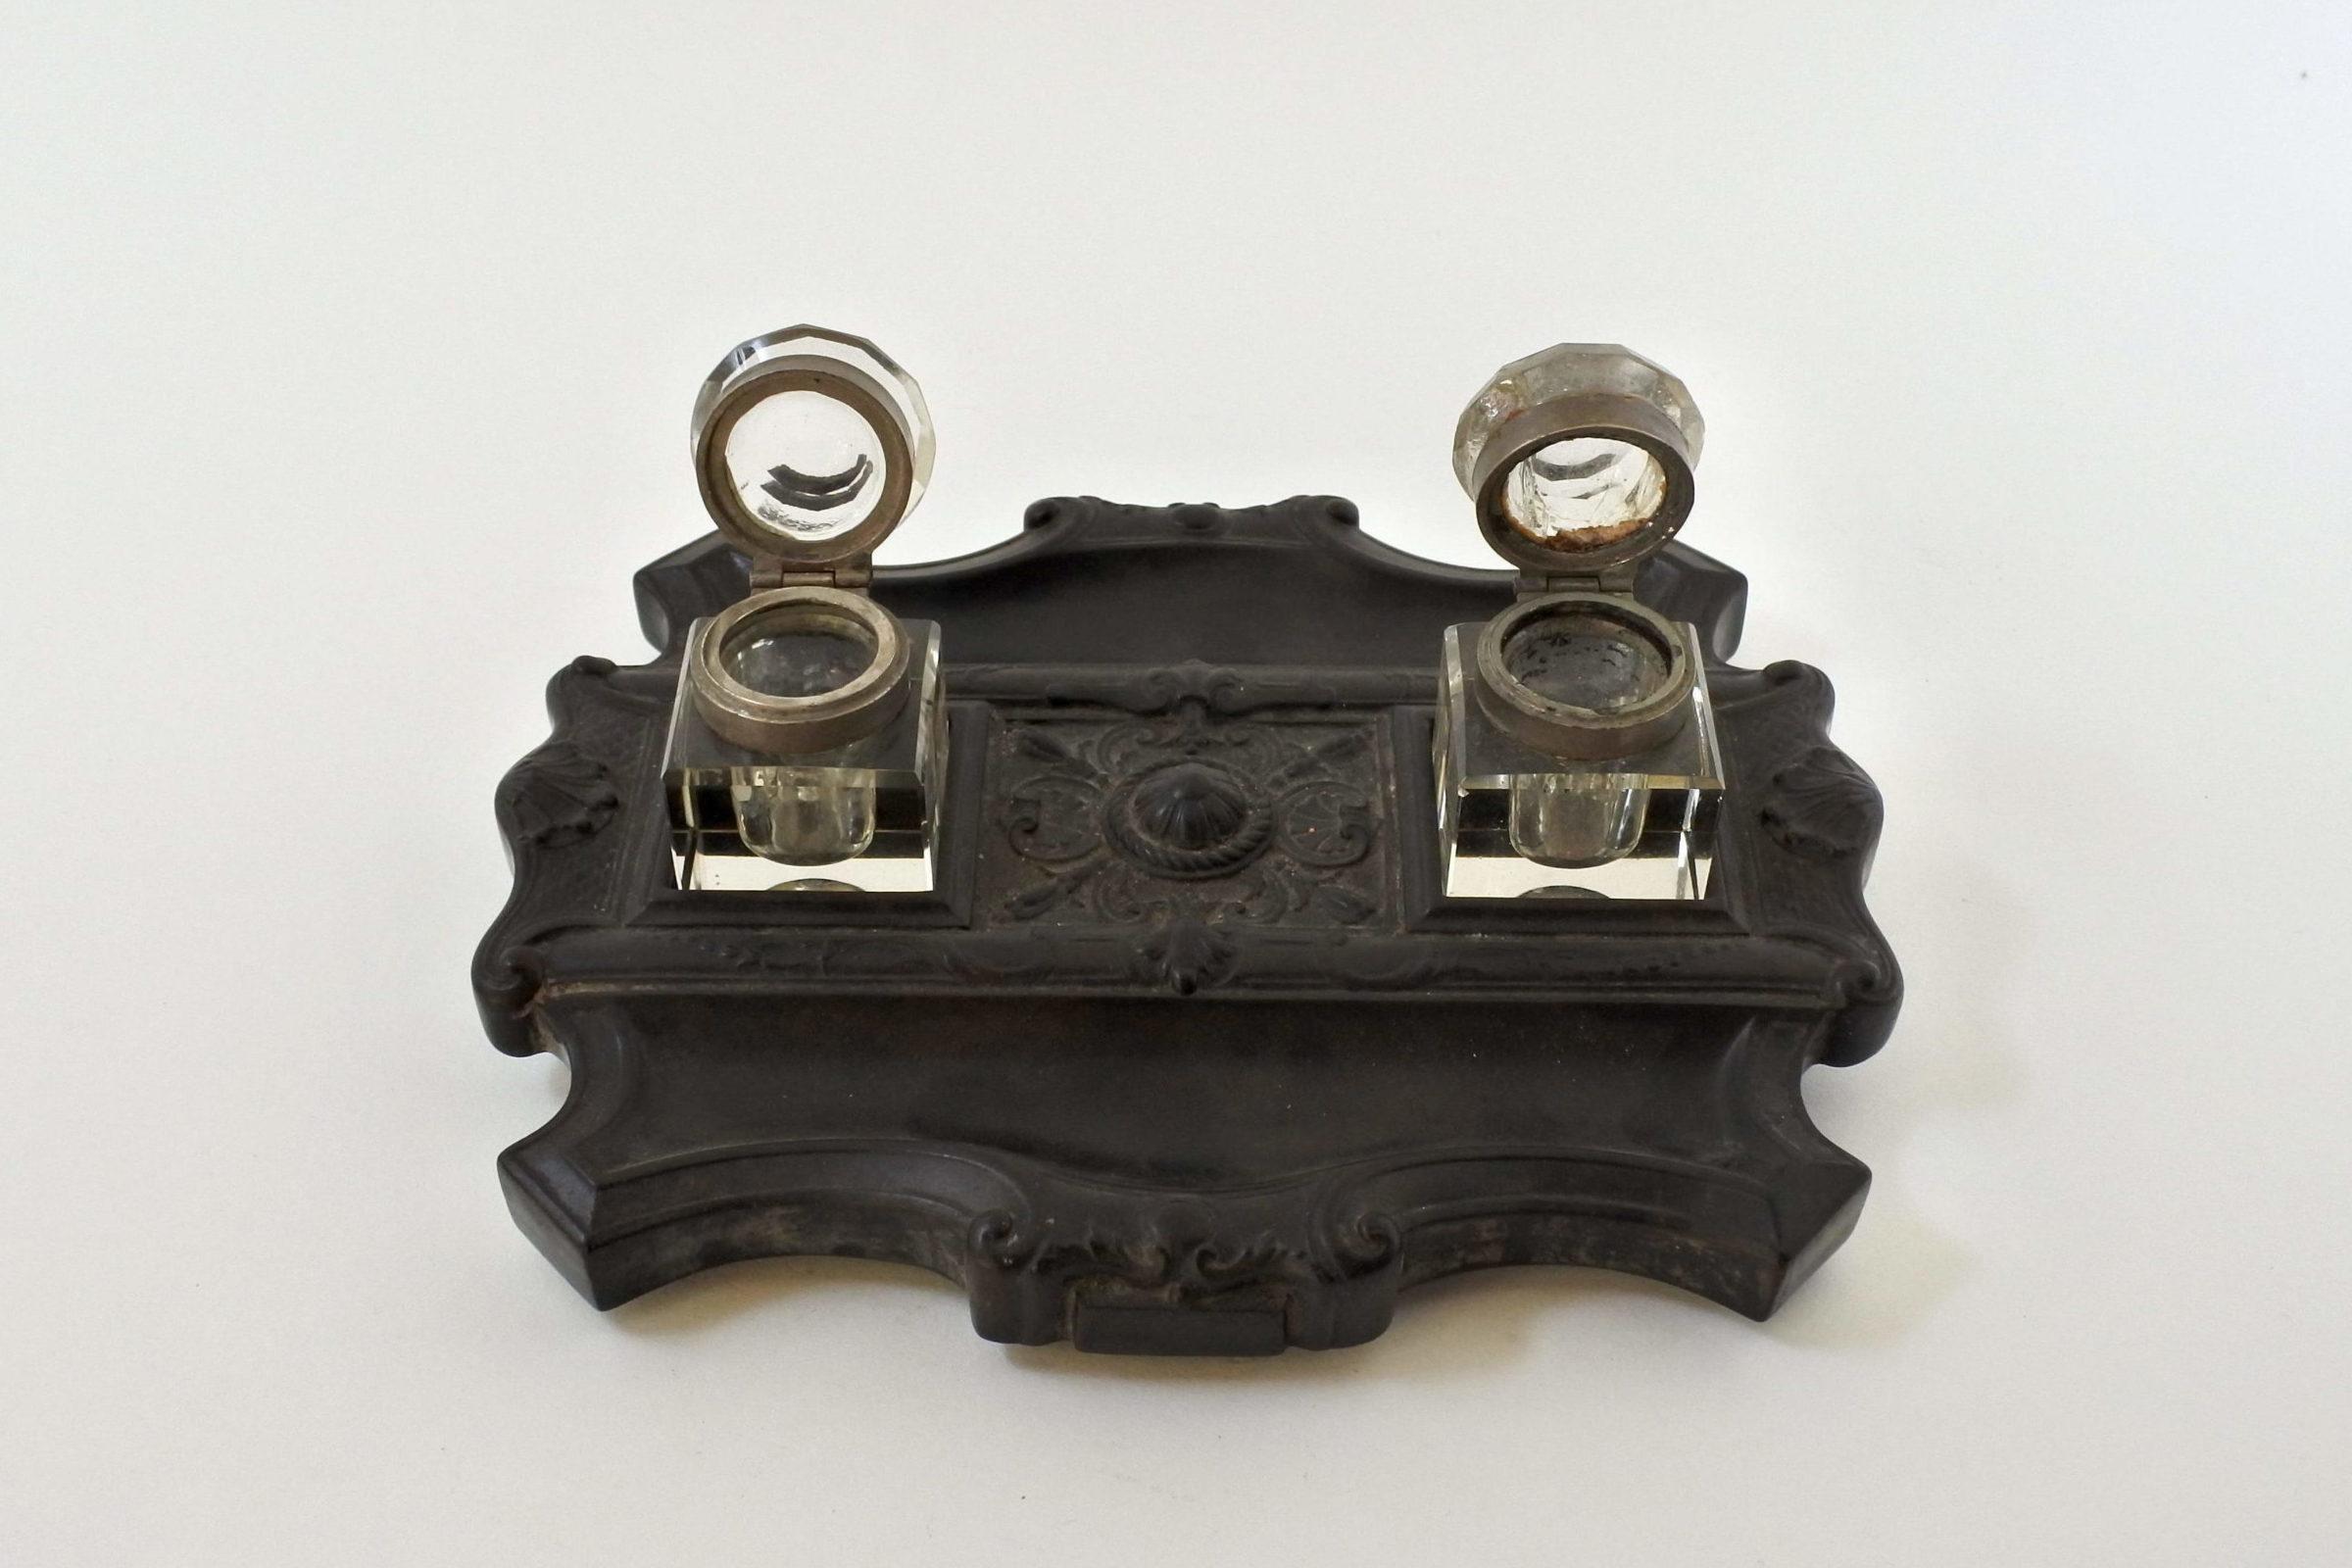 Calamaio con base in ebanite e ampolle porta inchiostro in vetro - 2